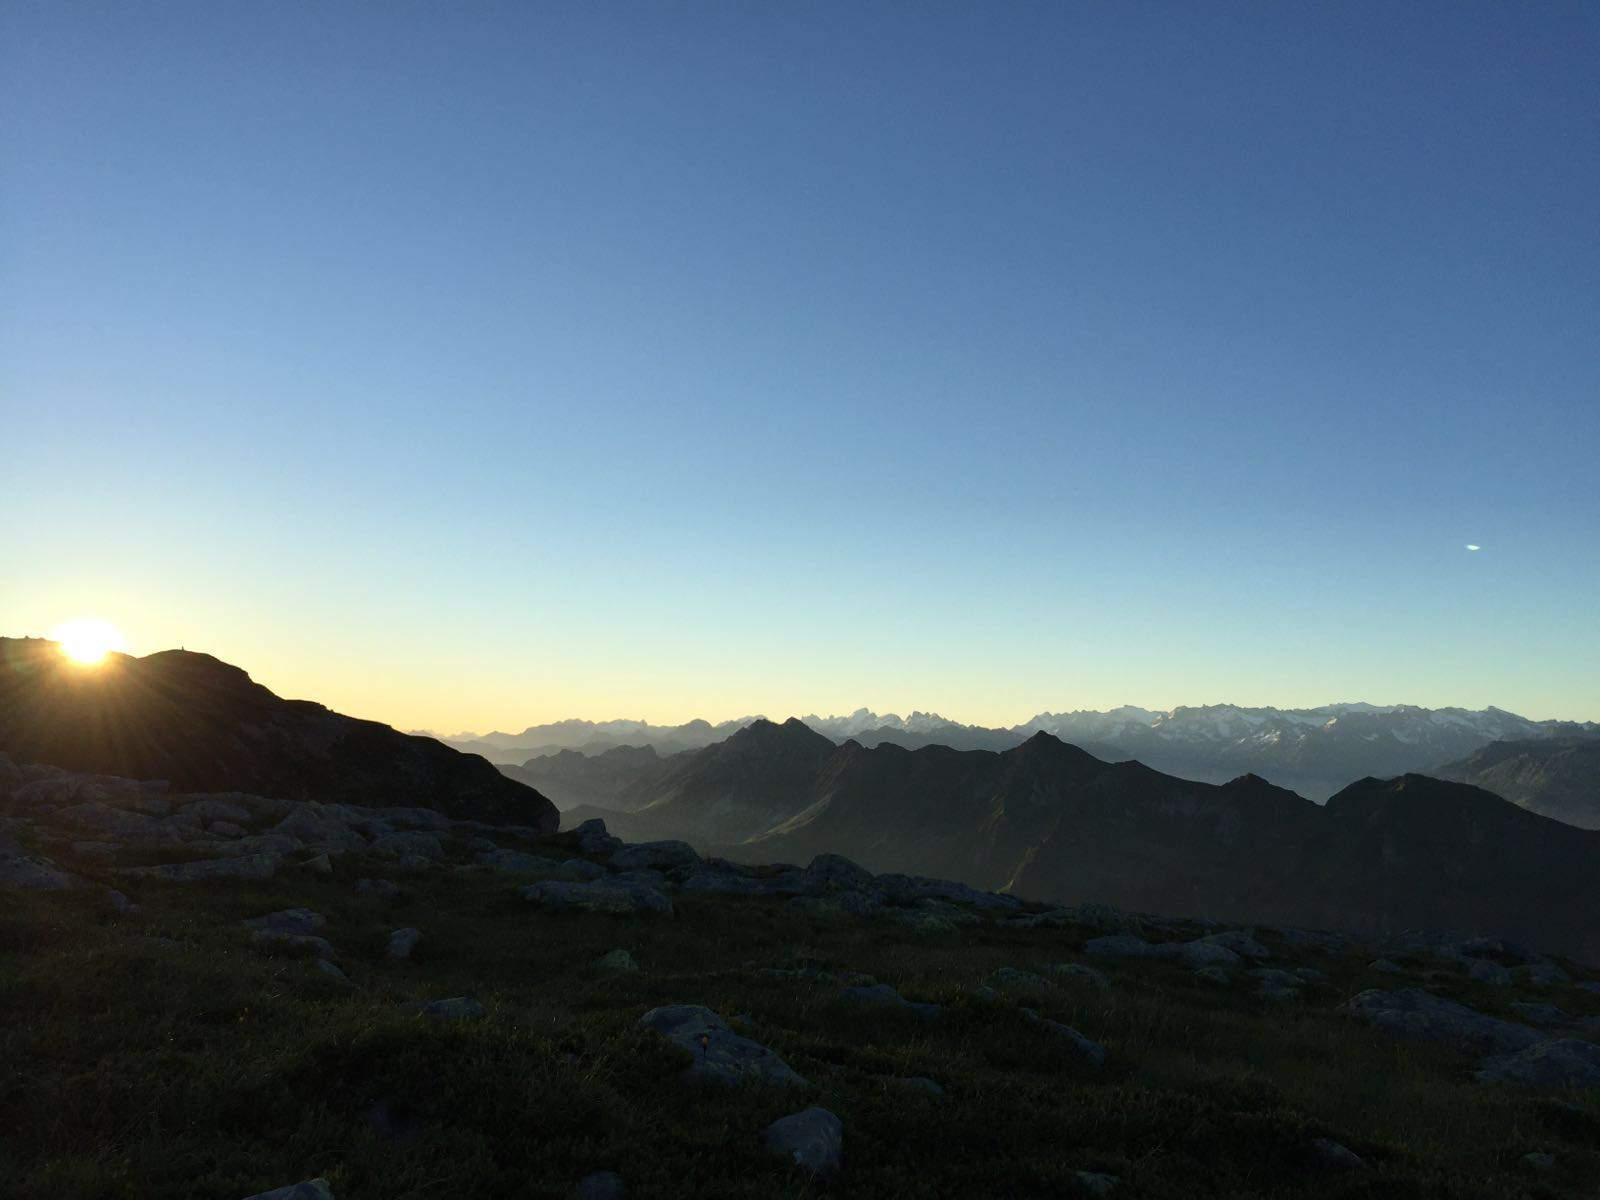 auszeit schweiz, sonnenaufgang vor bergpanorama im berner oberland